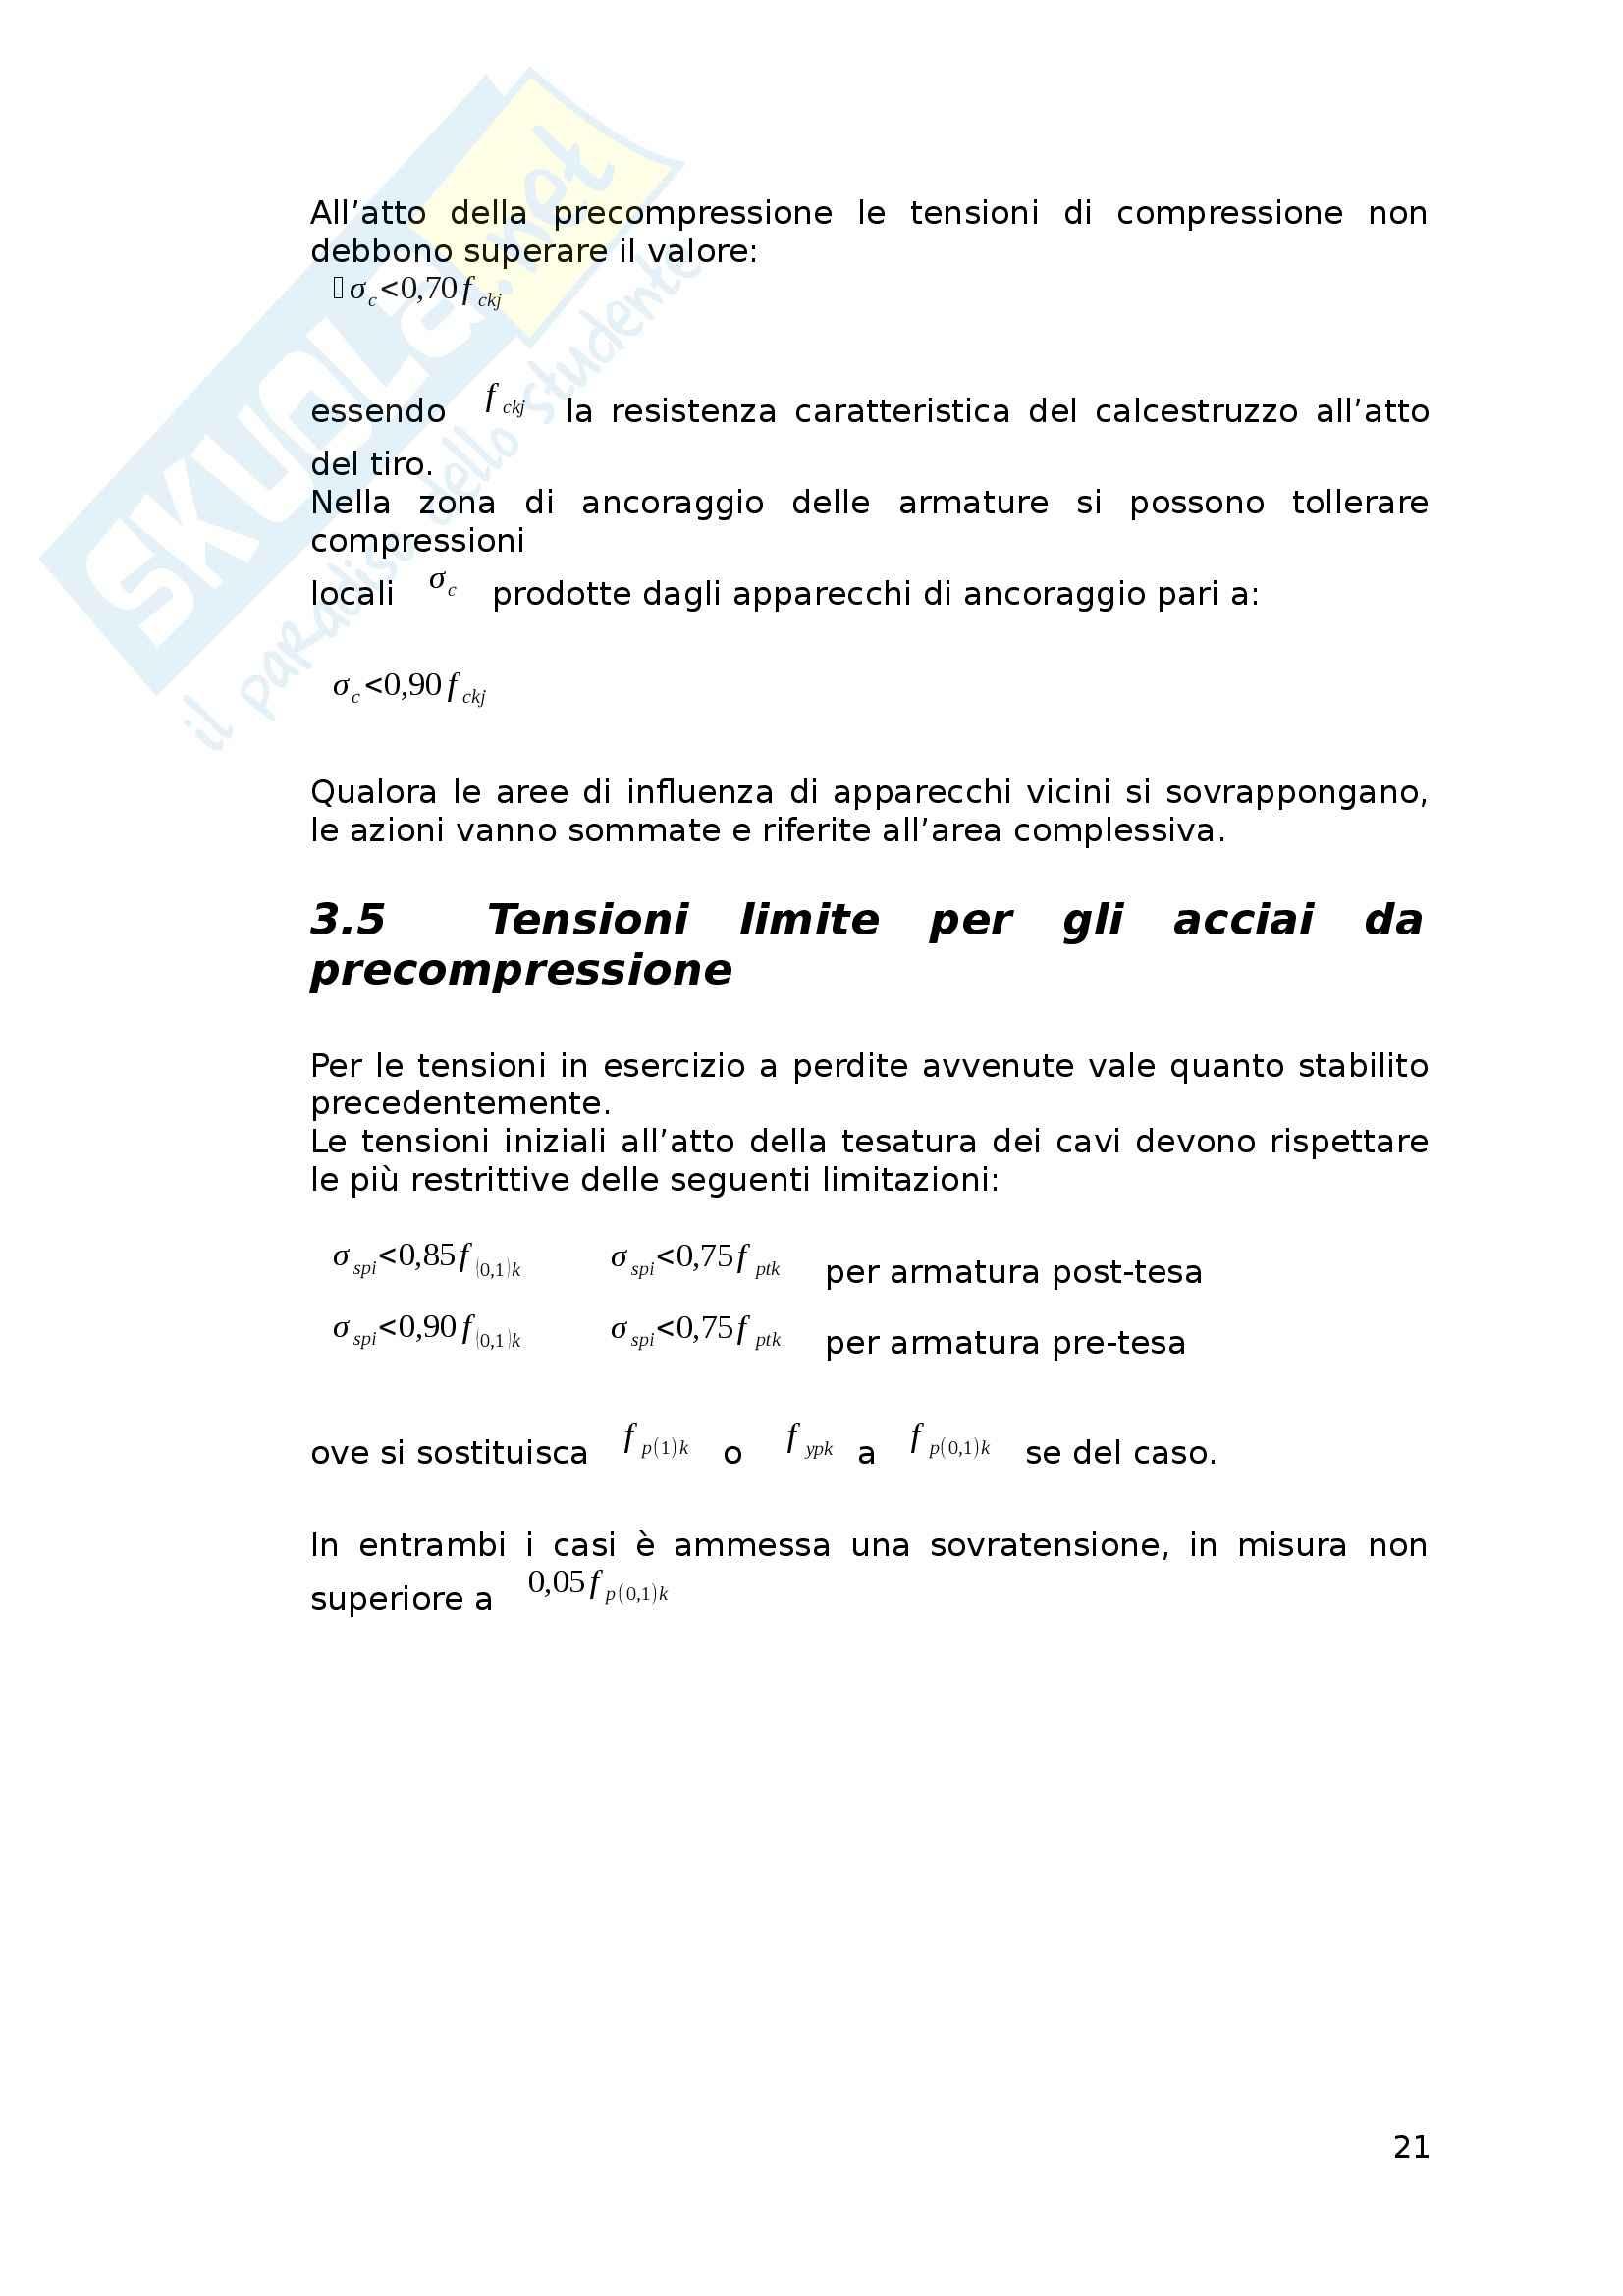 Tesi - Verifiche di travi in calcestruzzo armato precompresso secondo il D.M. 09/01/1996 e il D.M. 14/01/2008 Pag. 21